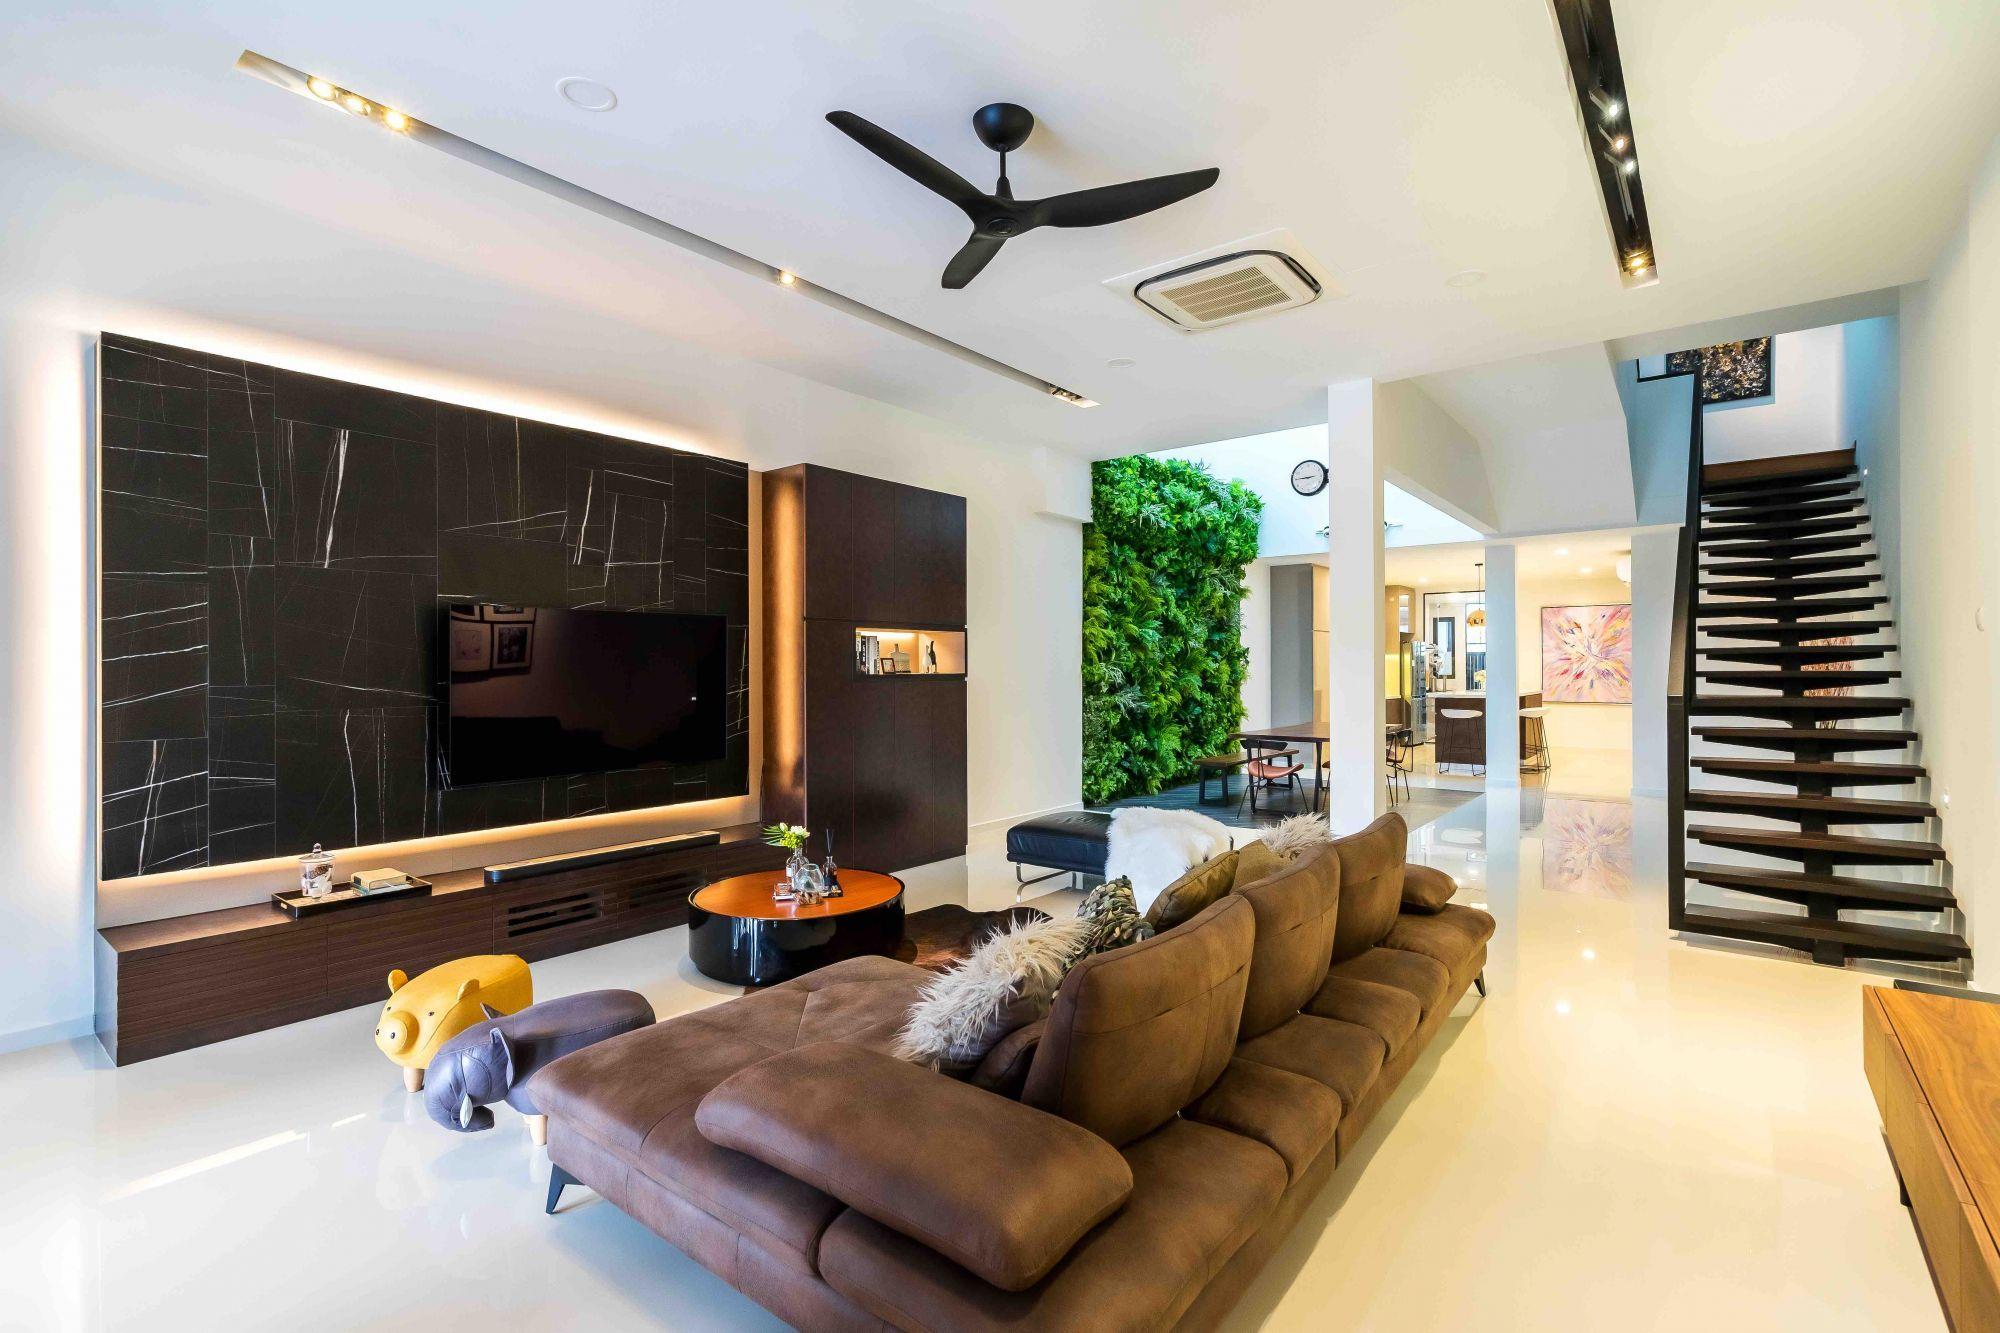 Dieser von Luxur entworfene große, offene Wohnbereich befindet sich am Eingang des Hauses und geht nahtlos in den Ess- und Trockenküchenbereich über